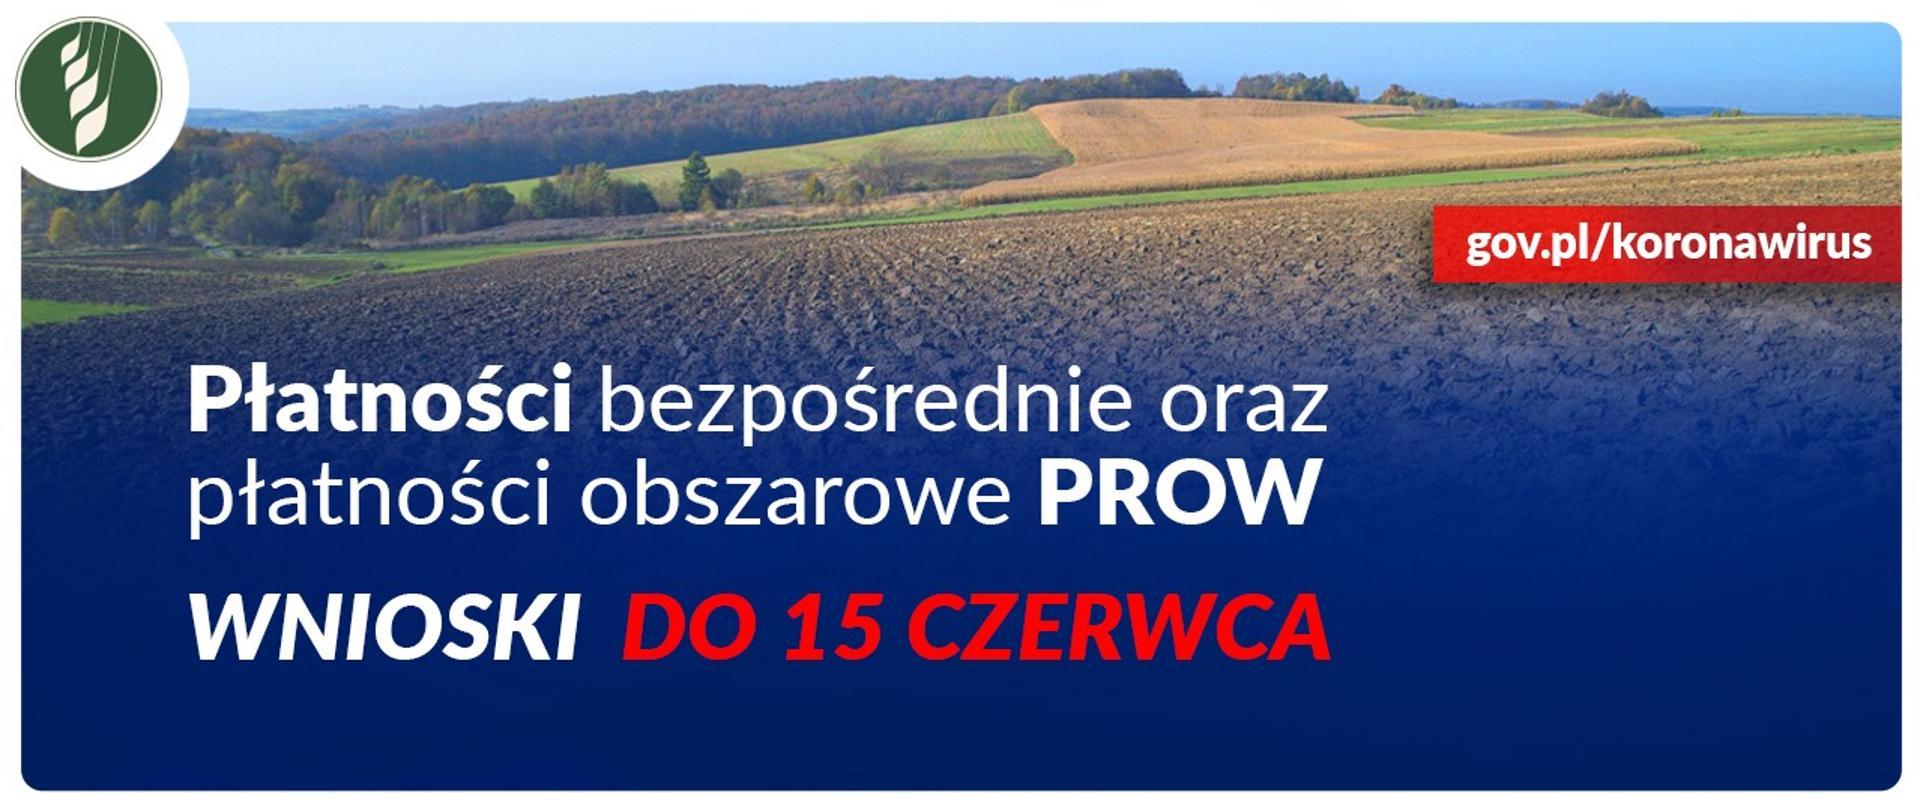 Płatności bezpośrednie oraz płatności obszarowe PROW – przedłużenie terminu składania wniosków w 2020 r.